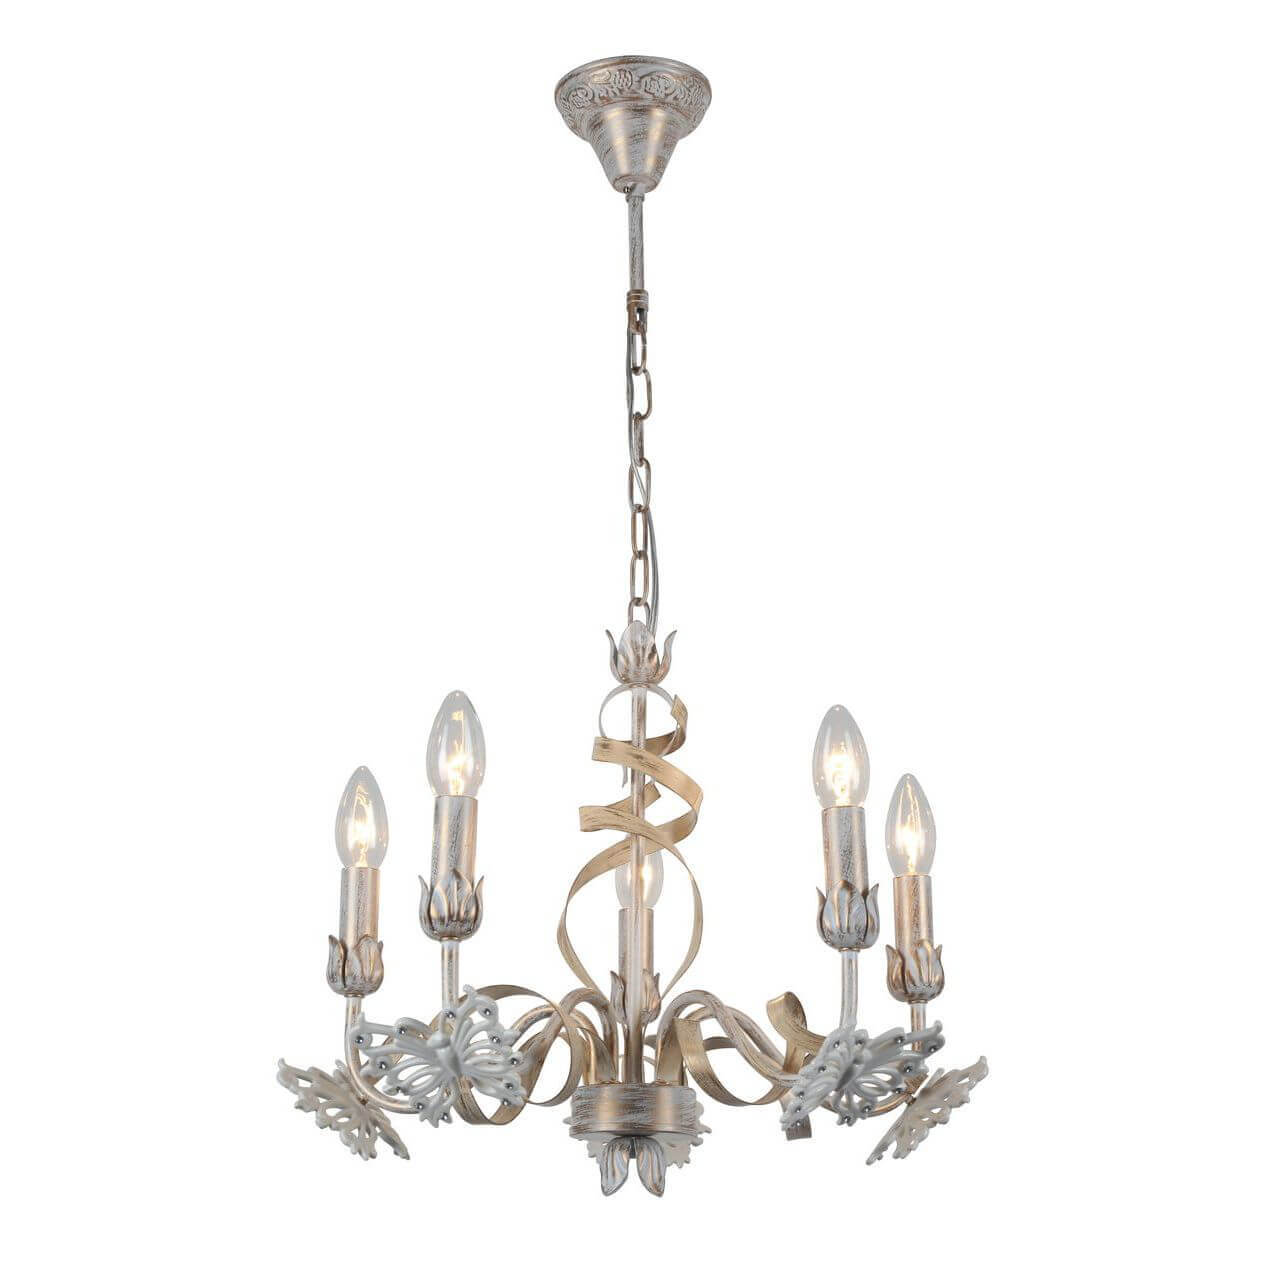 Люстра Arte Lamp A8626LM-5WG Libellula люстра подвесная arte lamp подвесная a1511lm 5wg